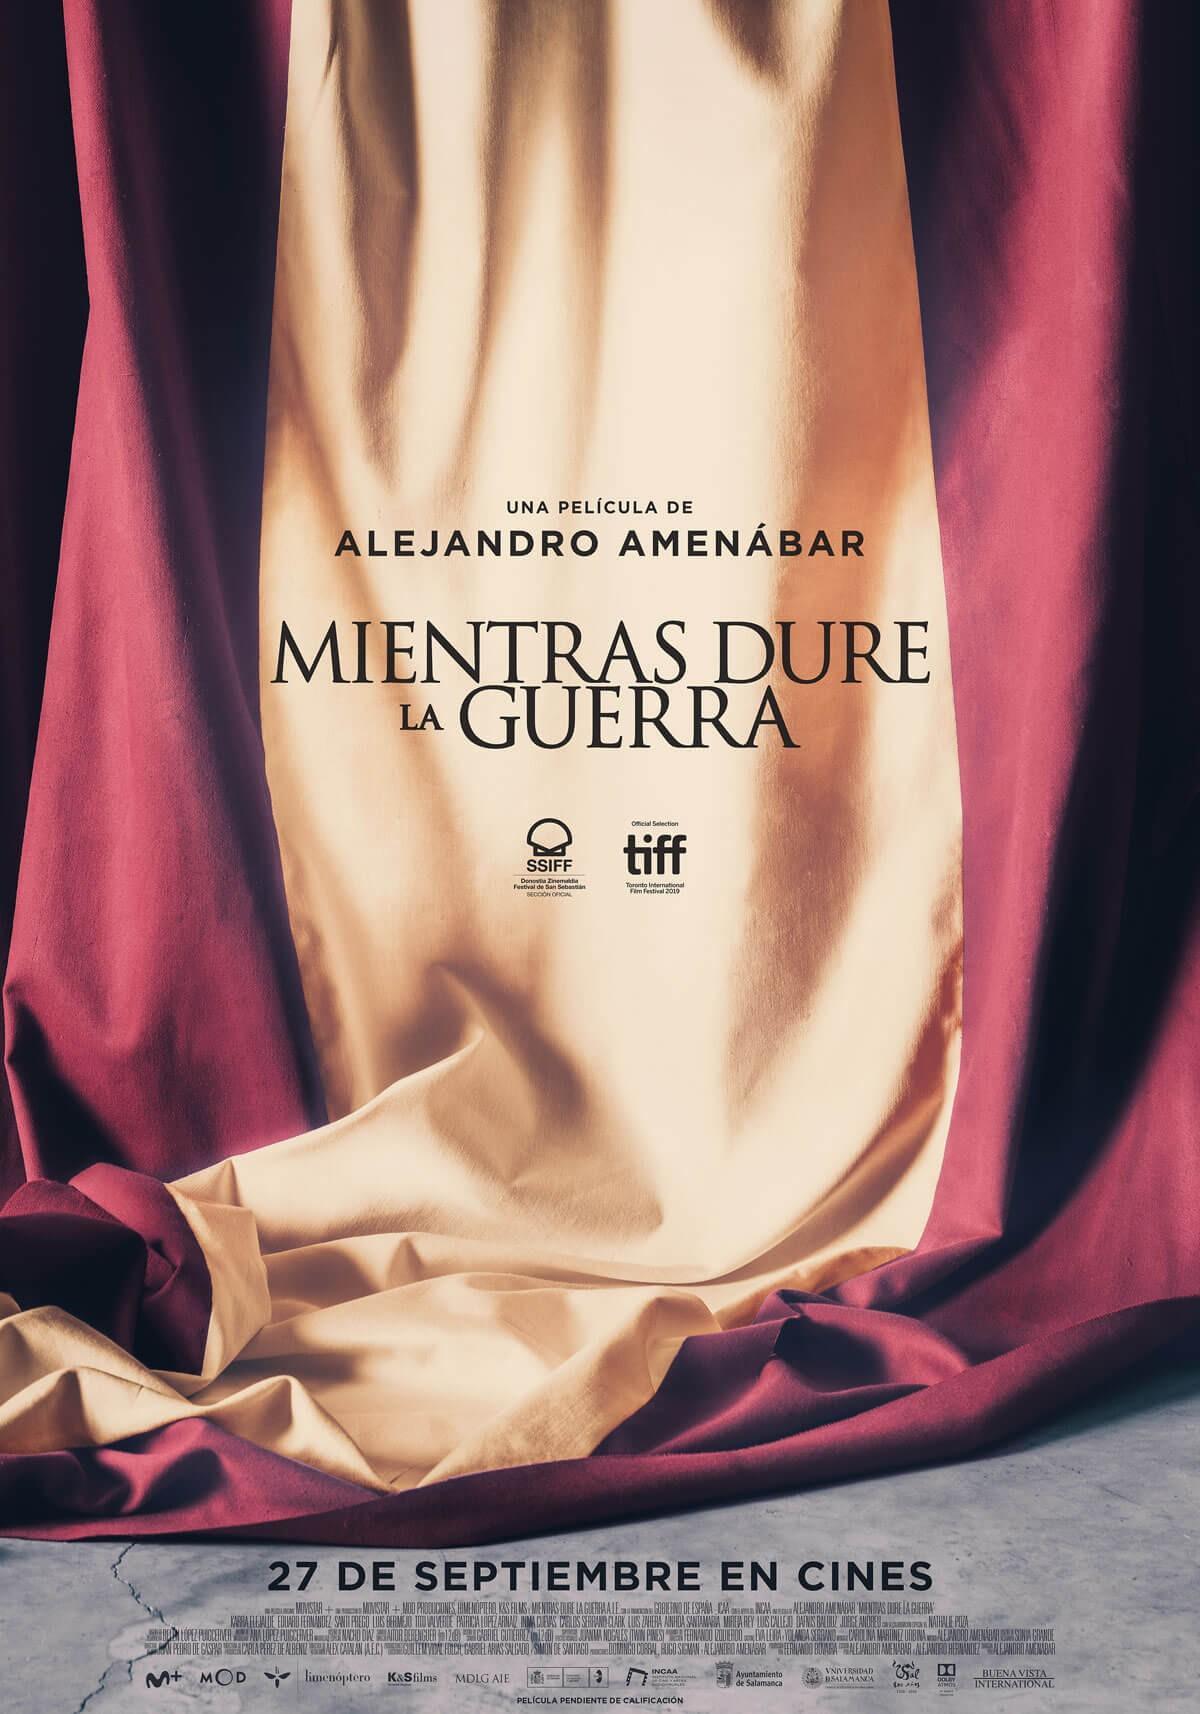 Alejandro Amenábar, Mientras dure la guerra, 2019